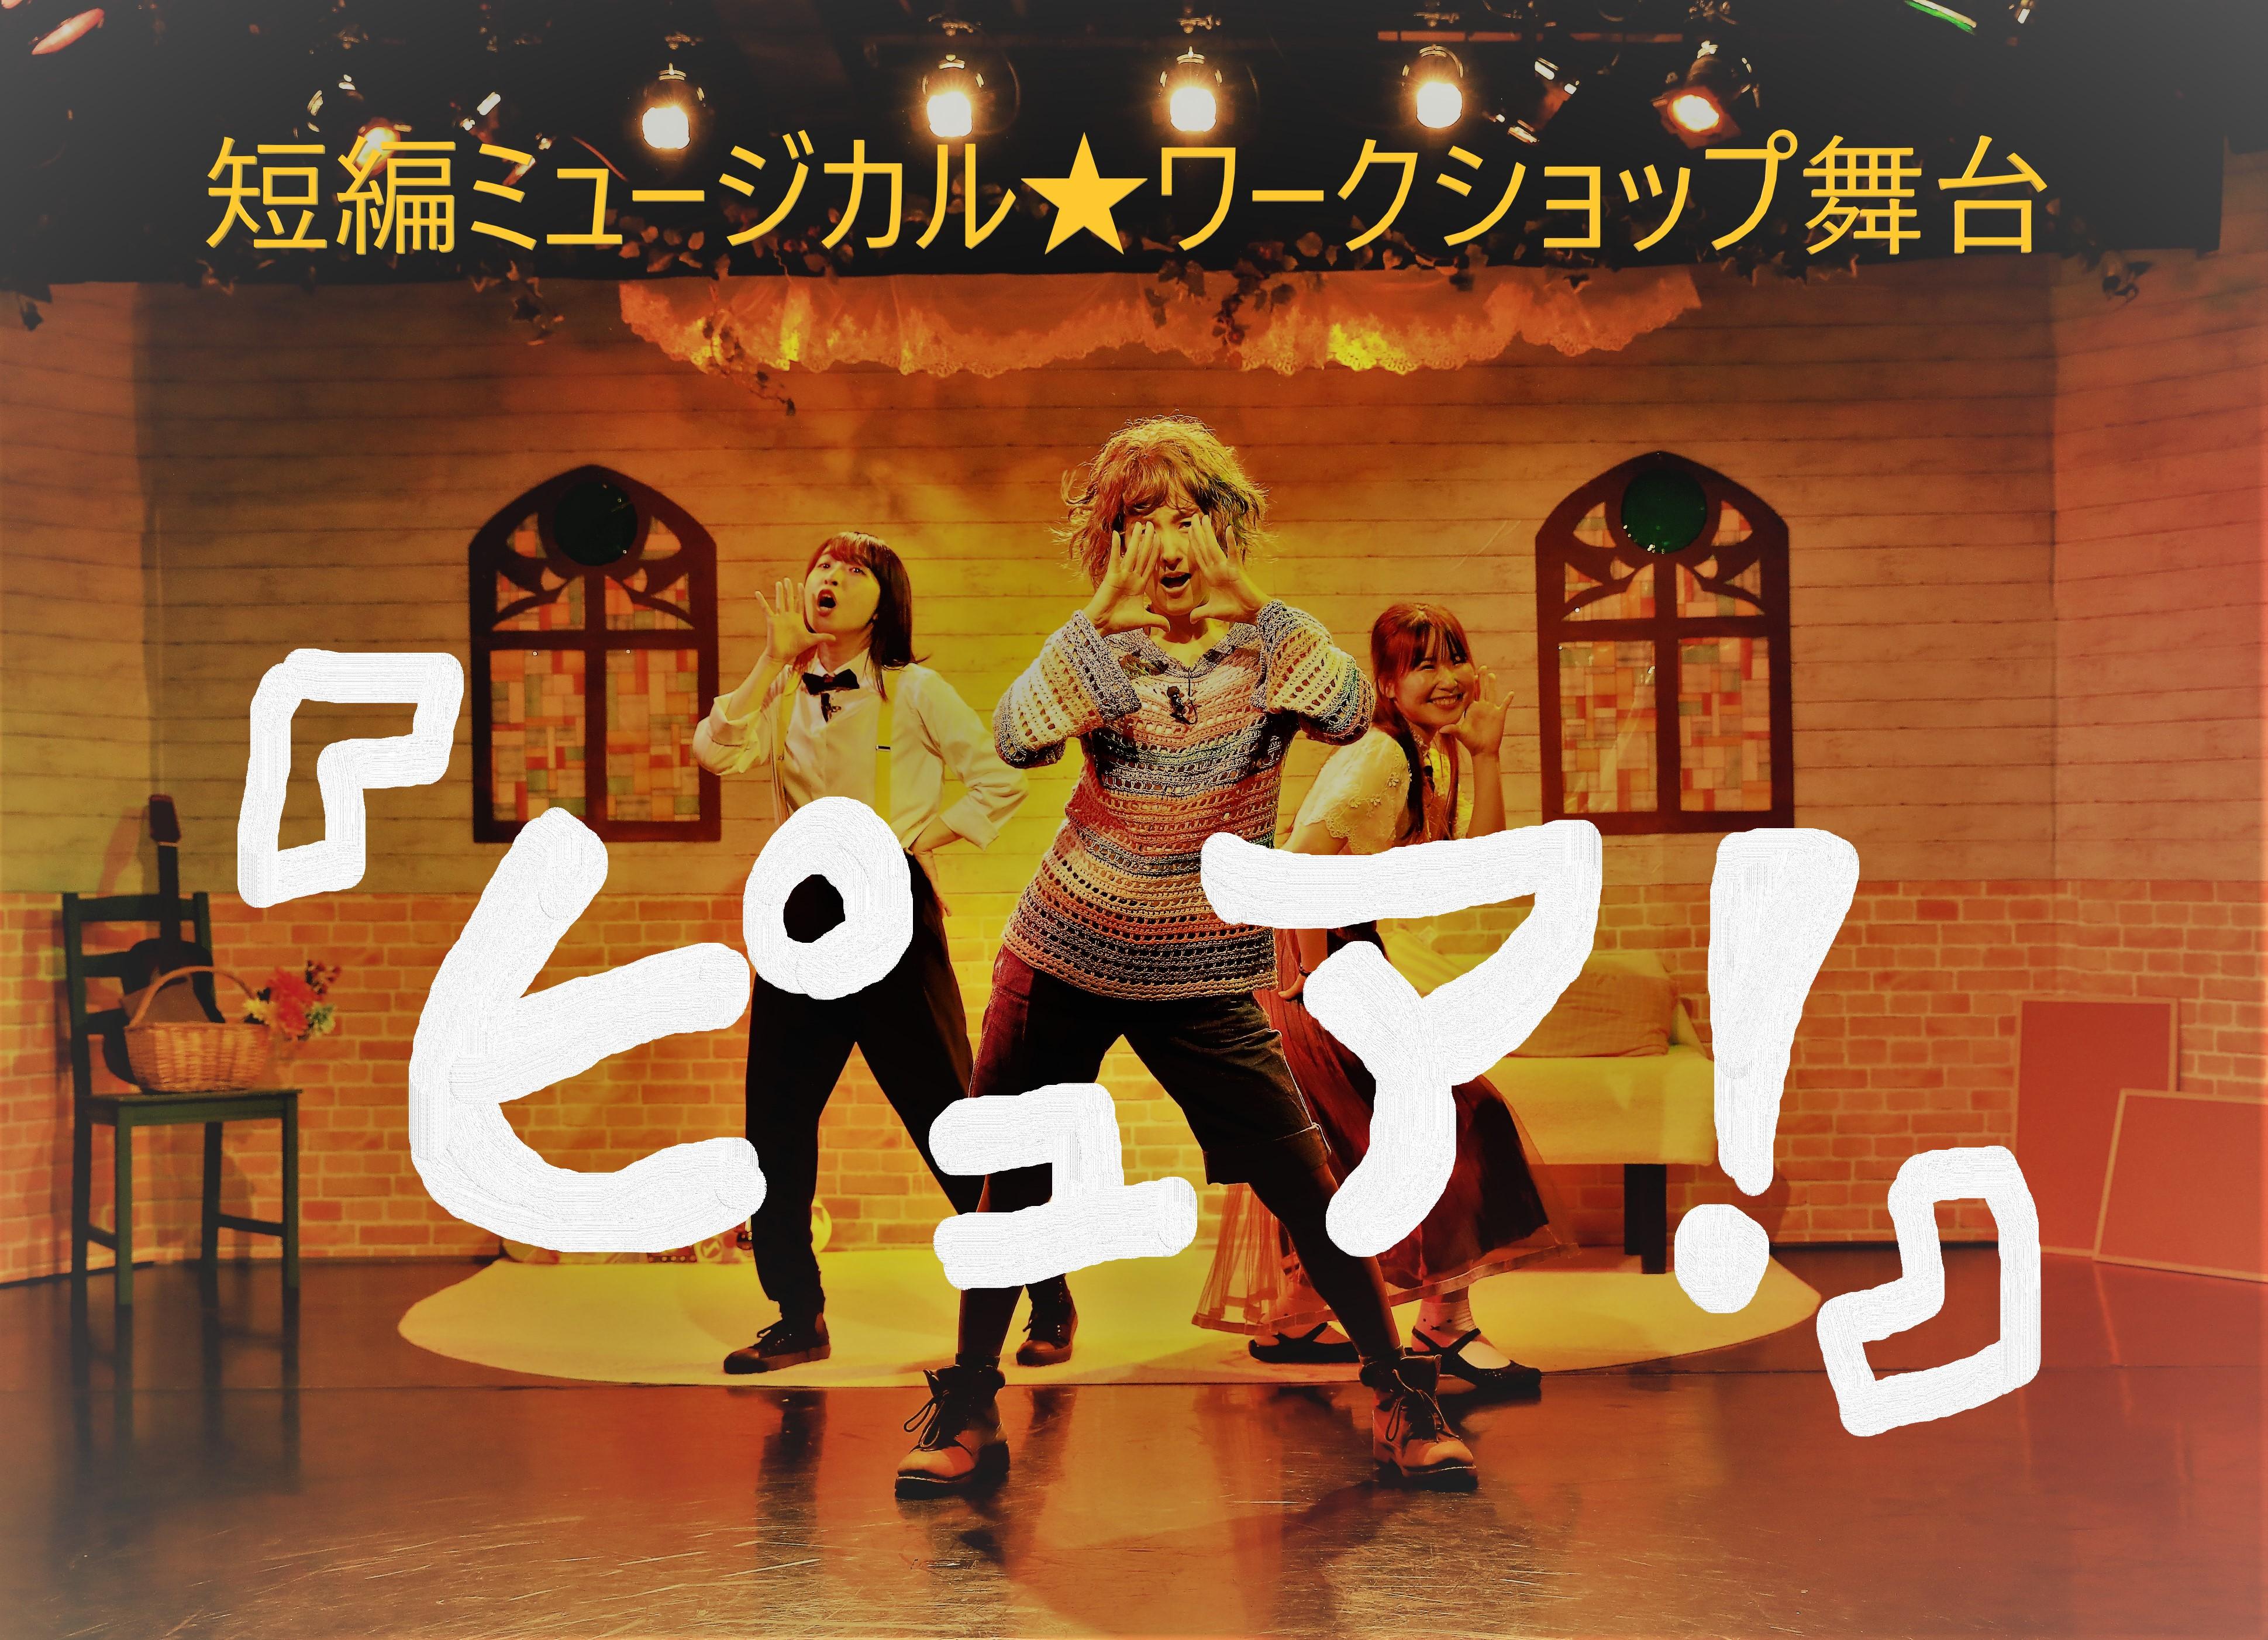 オーディション 短編ミュージカル「ピュア!」5月公演 出演者募集 ワークショップで配役を決定! 絵本の様なオムニバス作品 主催:EN&ON/演と音の研究室、カテゴリ:舞台